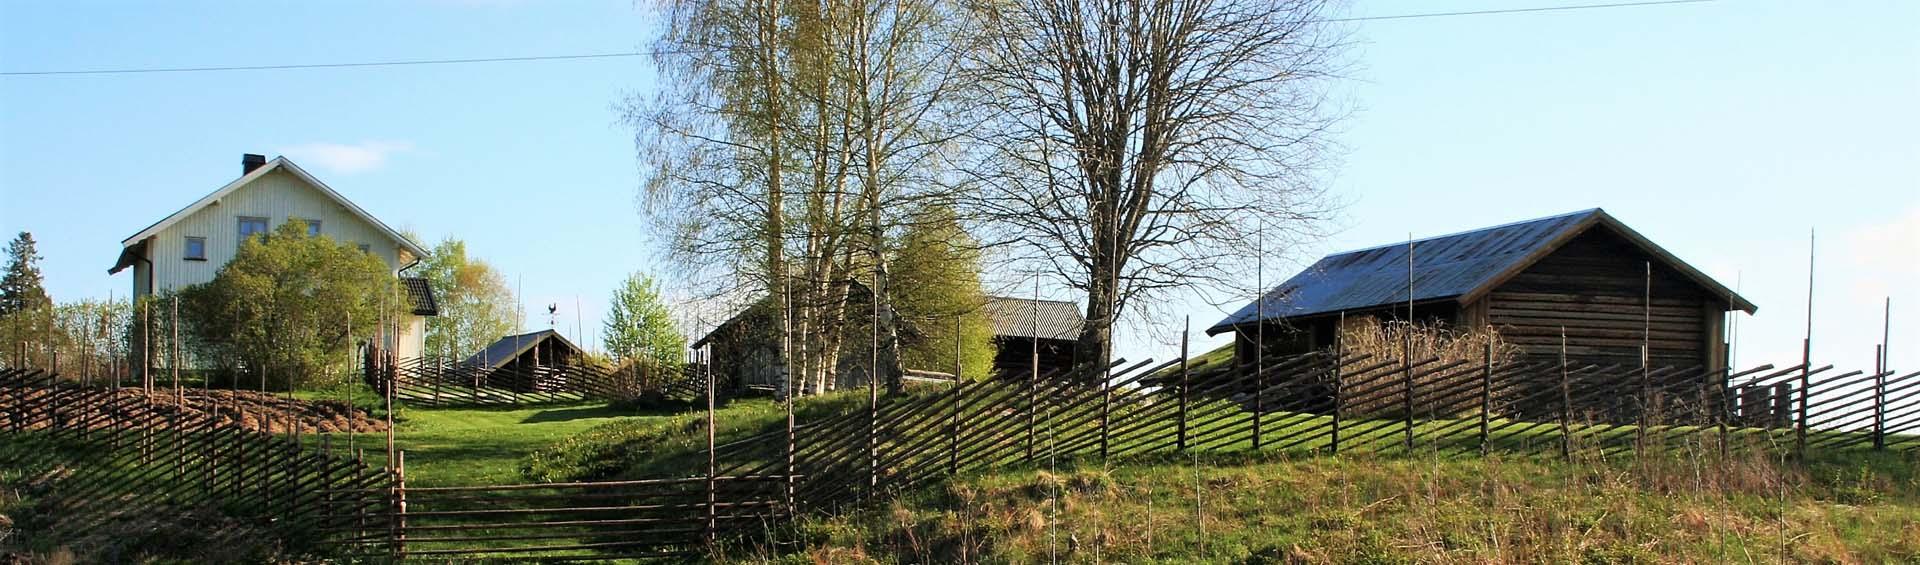 Søstun Farm